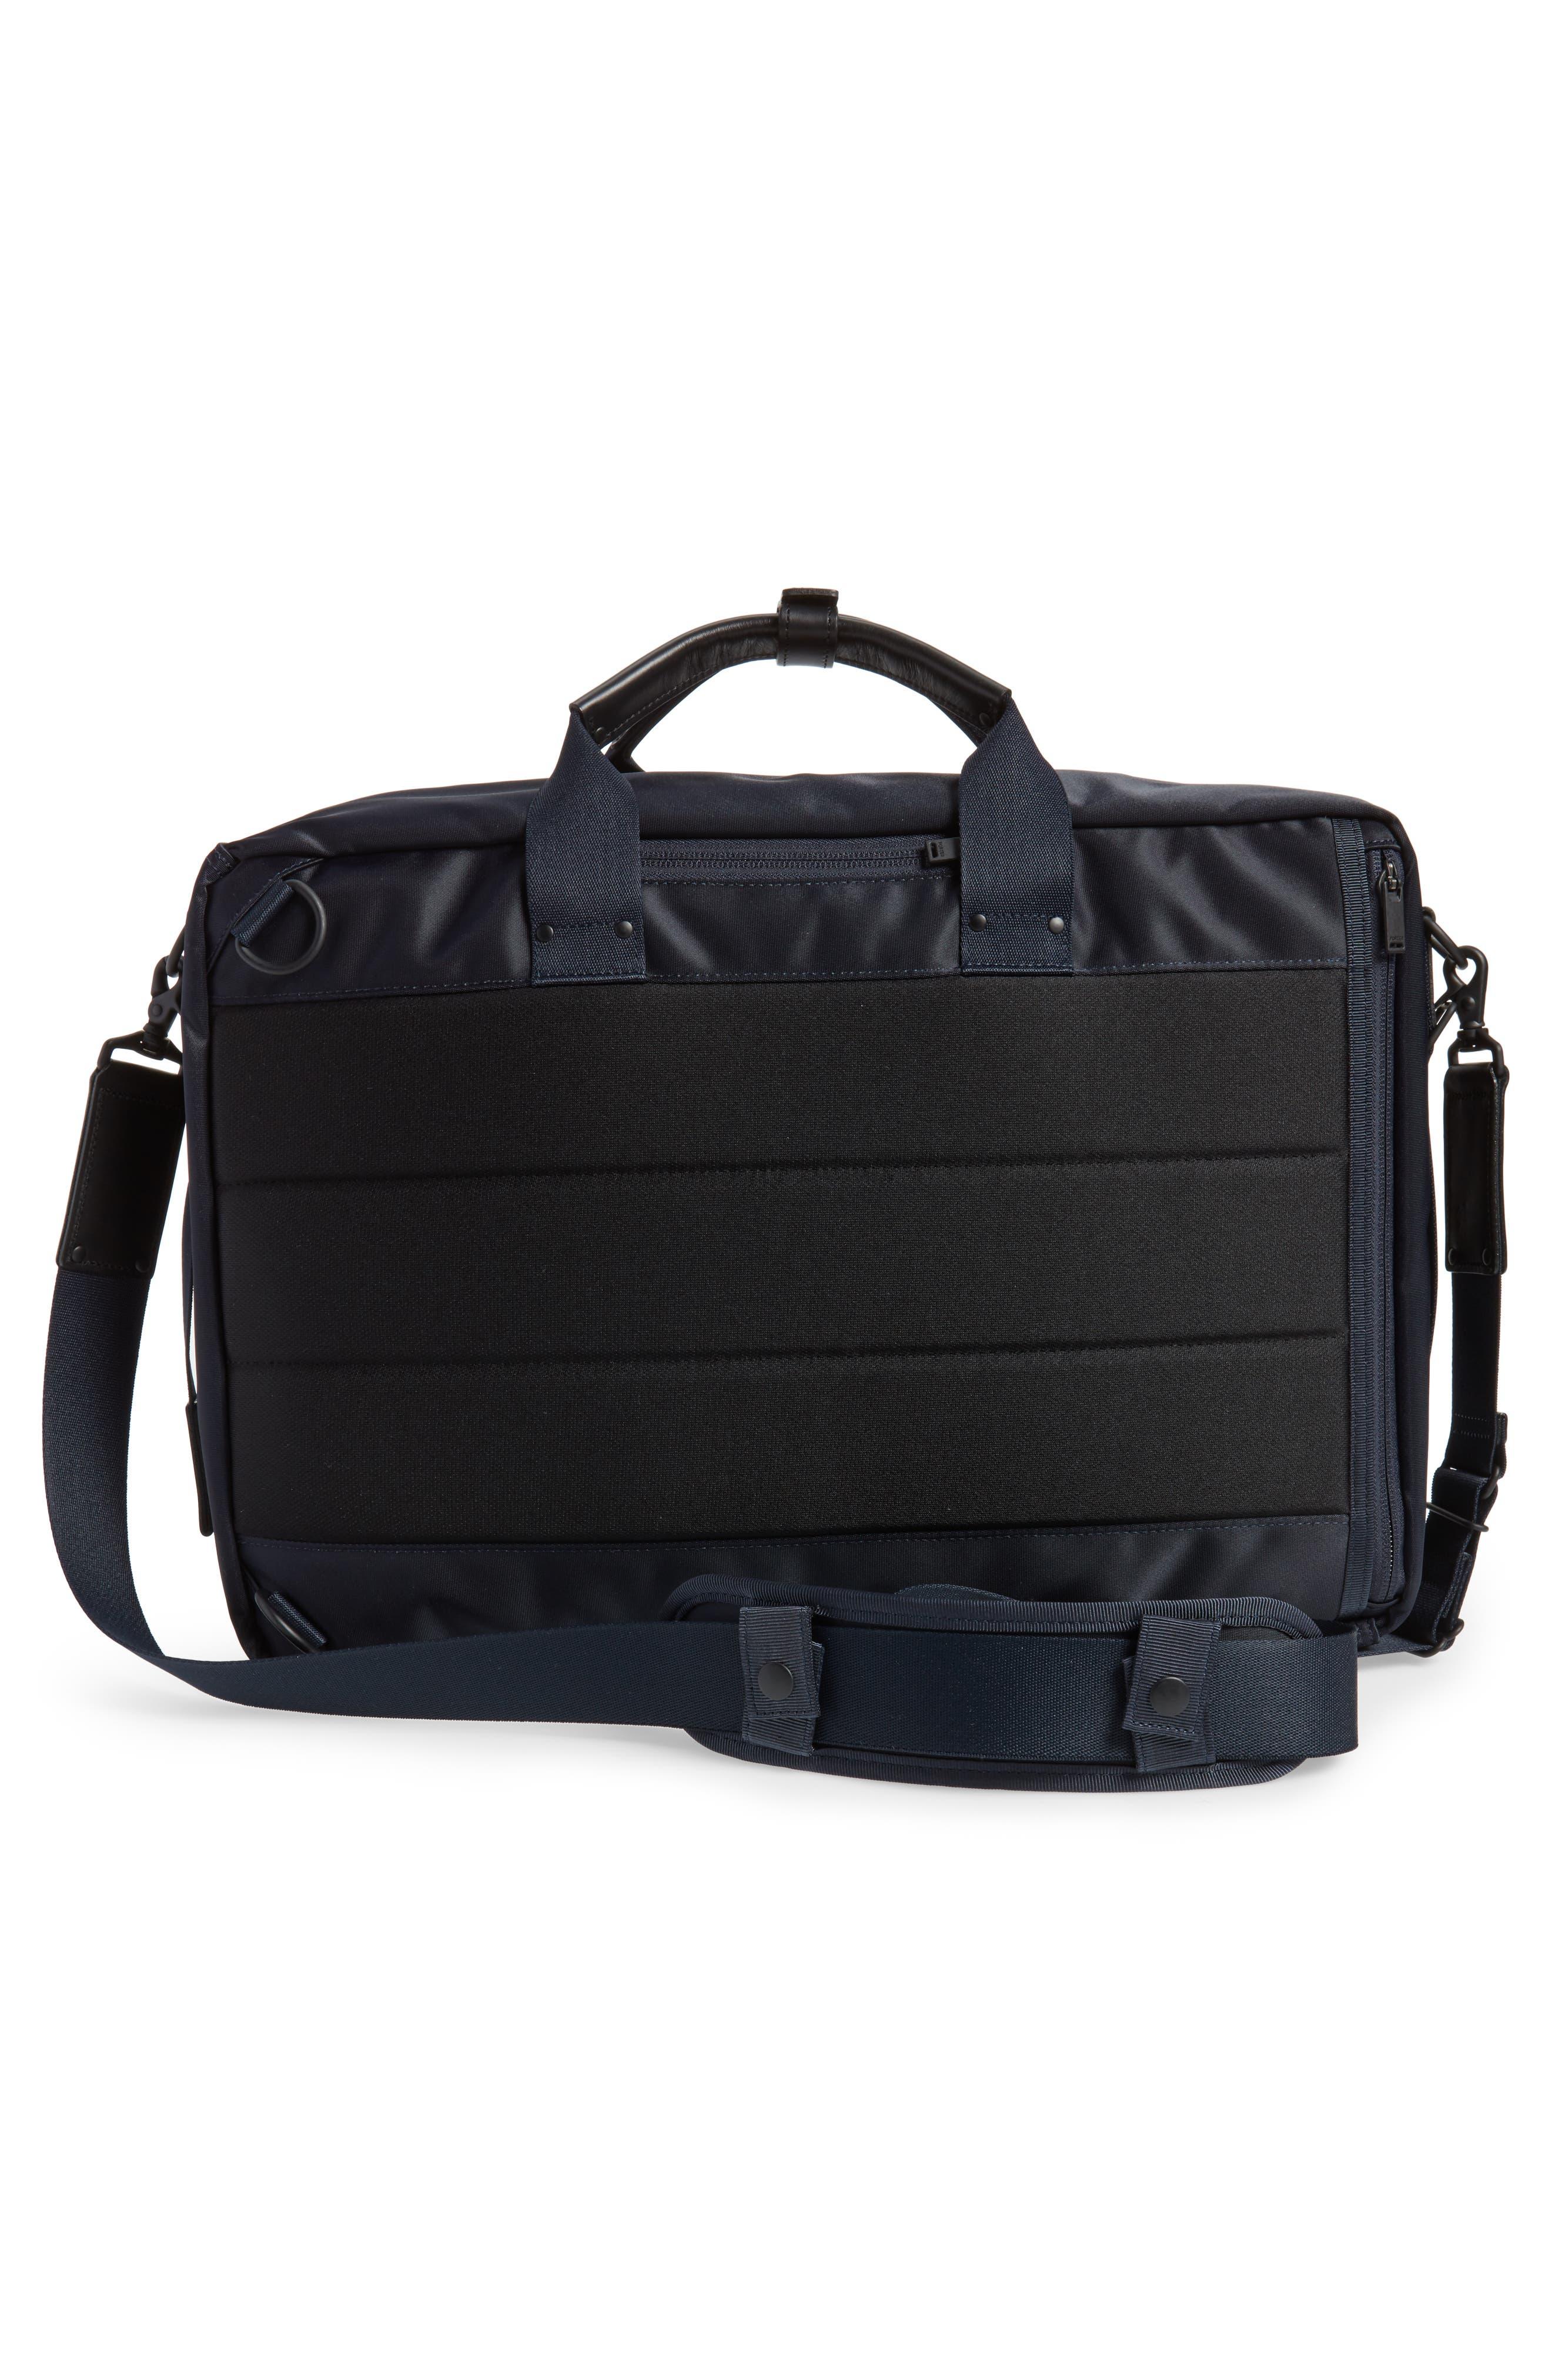 Porter-Yoshida & Co. Lift Convertible Briefcase,                             Alternate thumbnail 4, color,